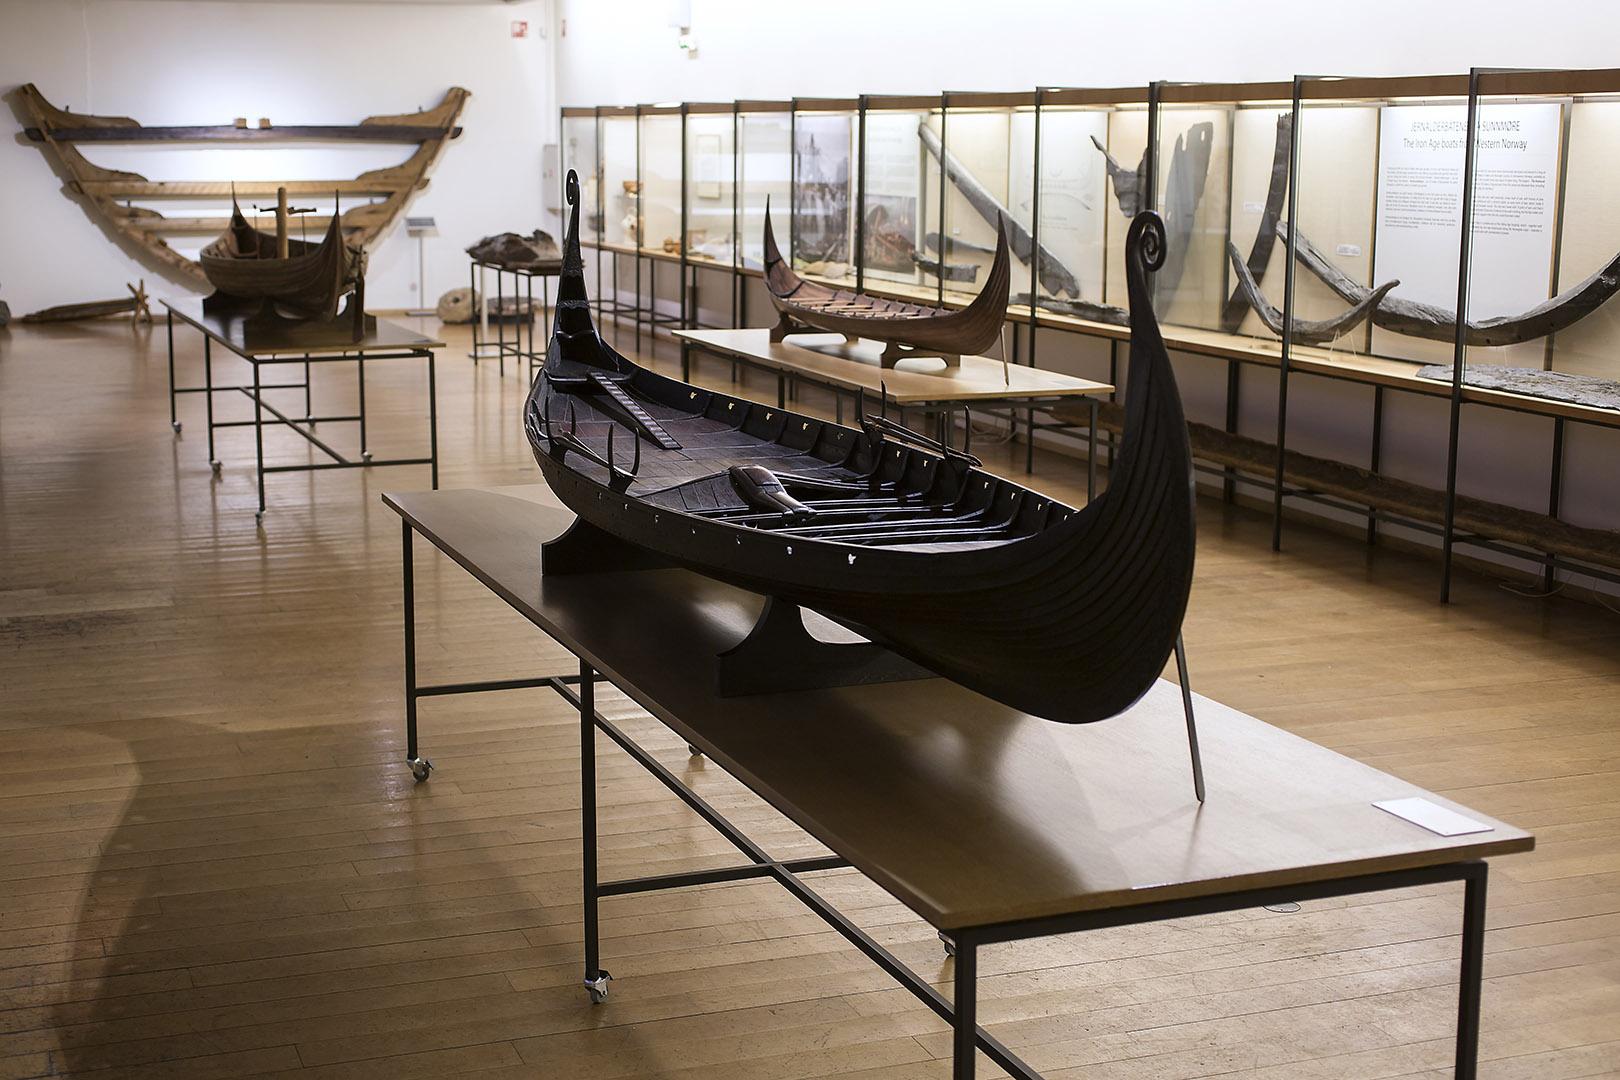 Bilder til Sjøfatsmuseet